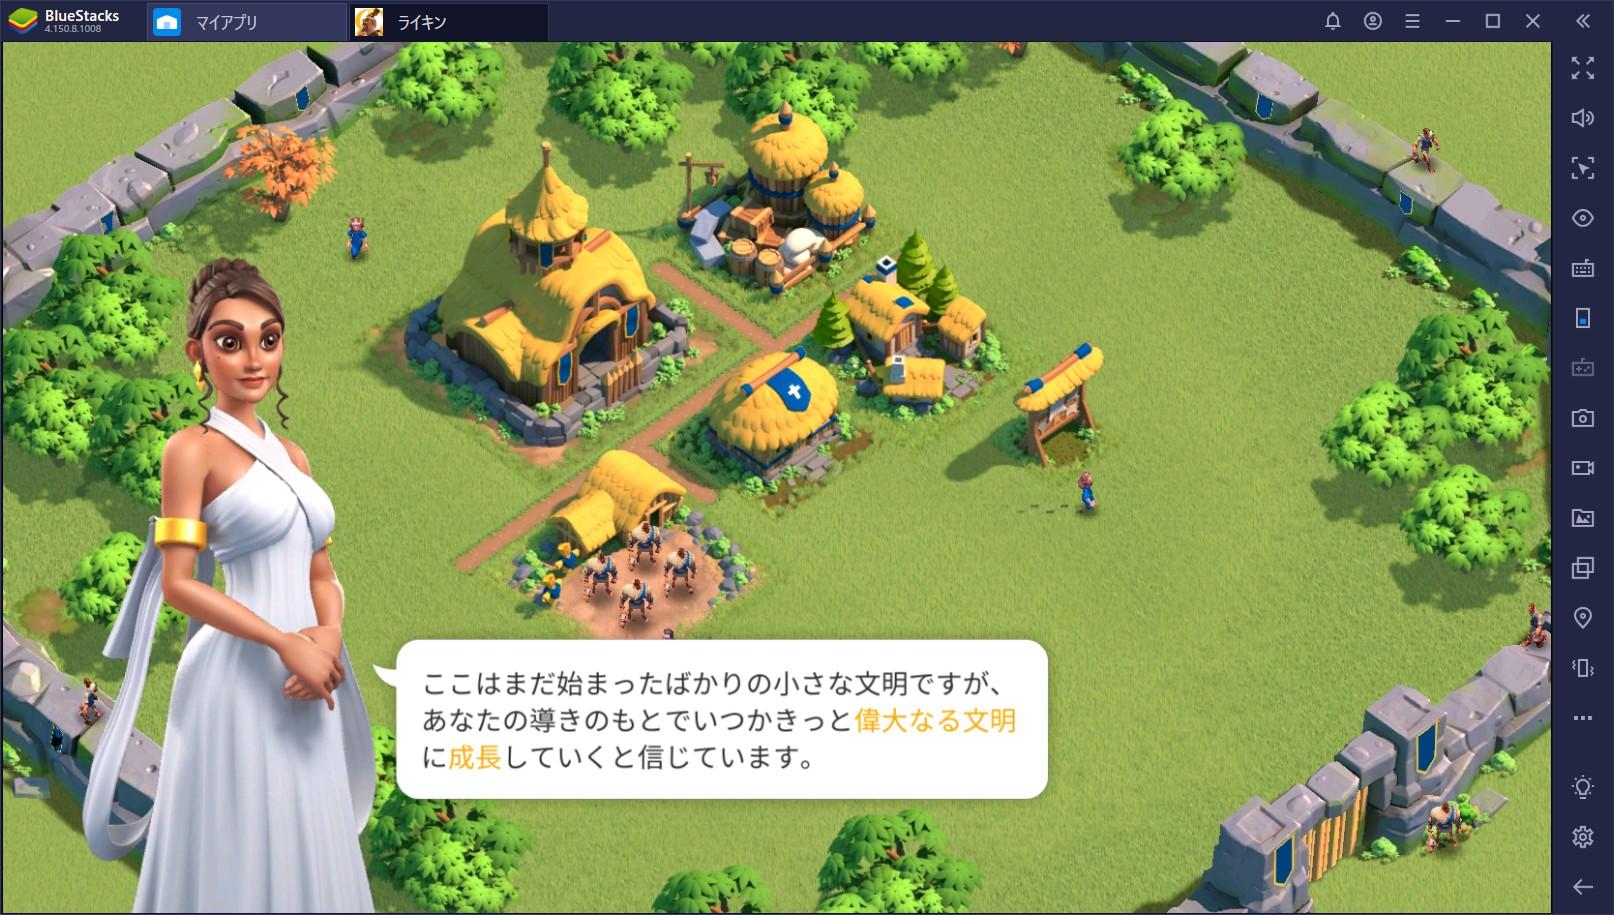 BlueStacksを使ってPCで『Rise of Kingdoms ―万国覚醒―』を遊ぼう